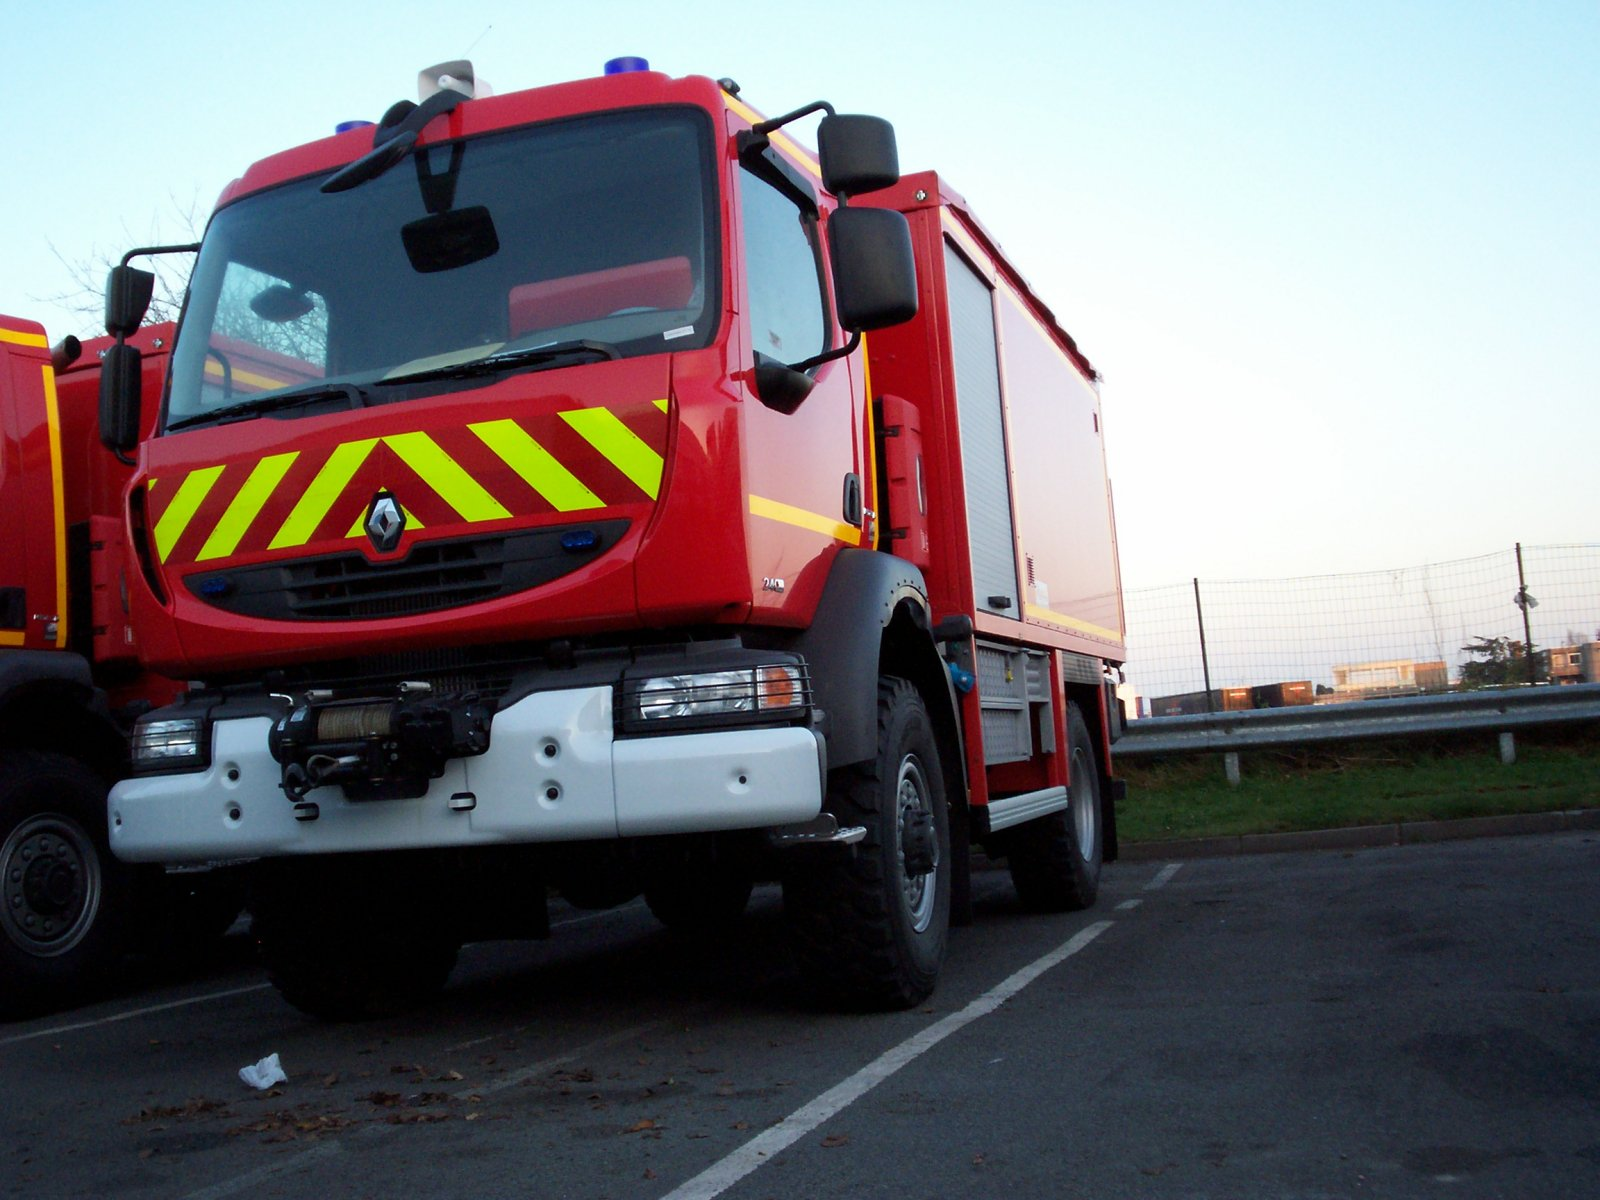 V hicules de pompiers du monde entier page 81 auto titre for Feu vert cherbourg